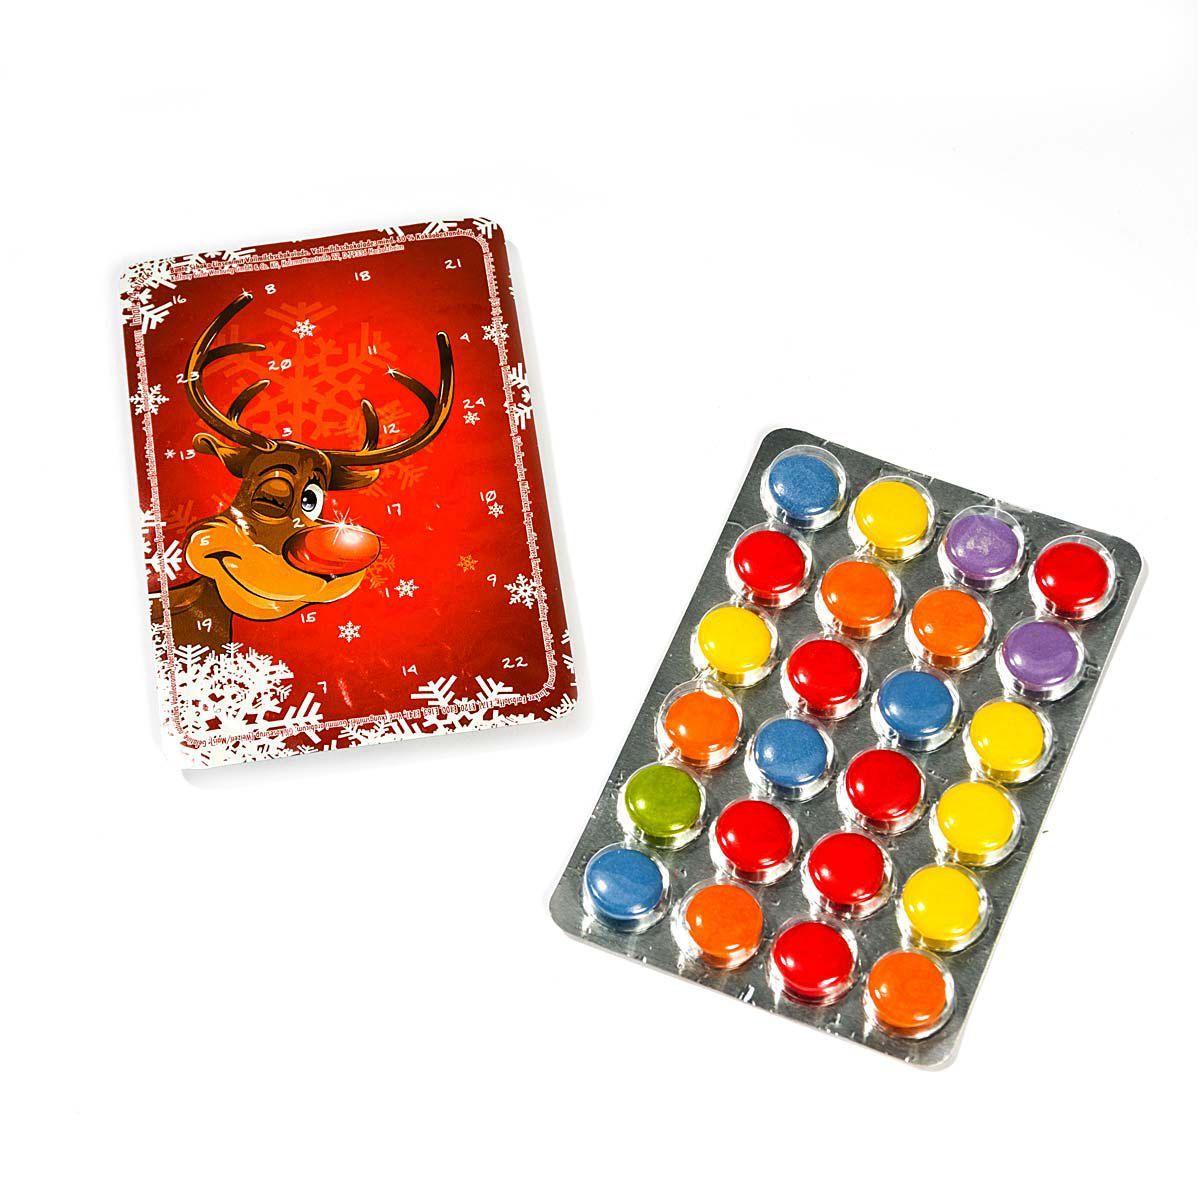 mini adventskalender 24 schokoladenlinsen b11xt0 7xh8cm einfach geschenke. Black Bedroom Furniture Sets. Home Design Ideas